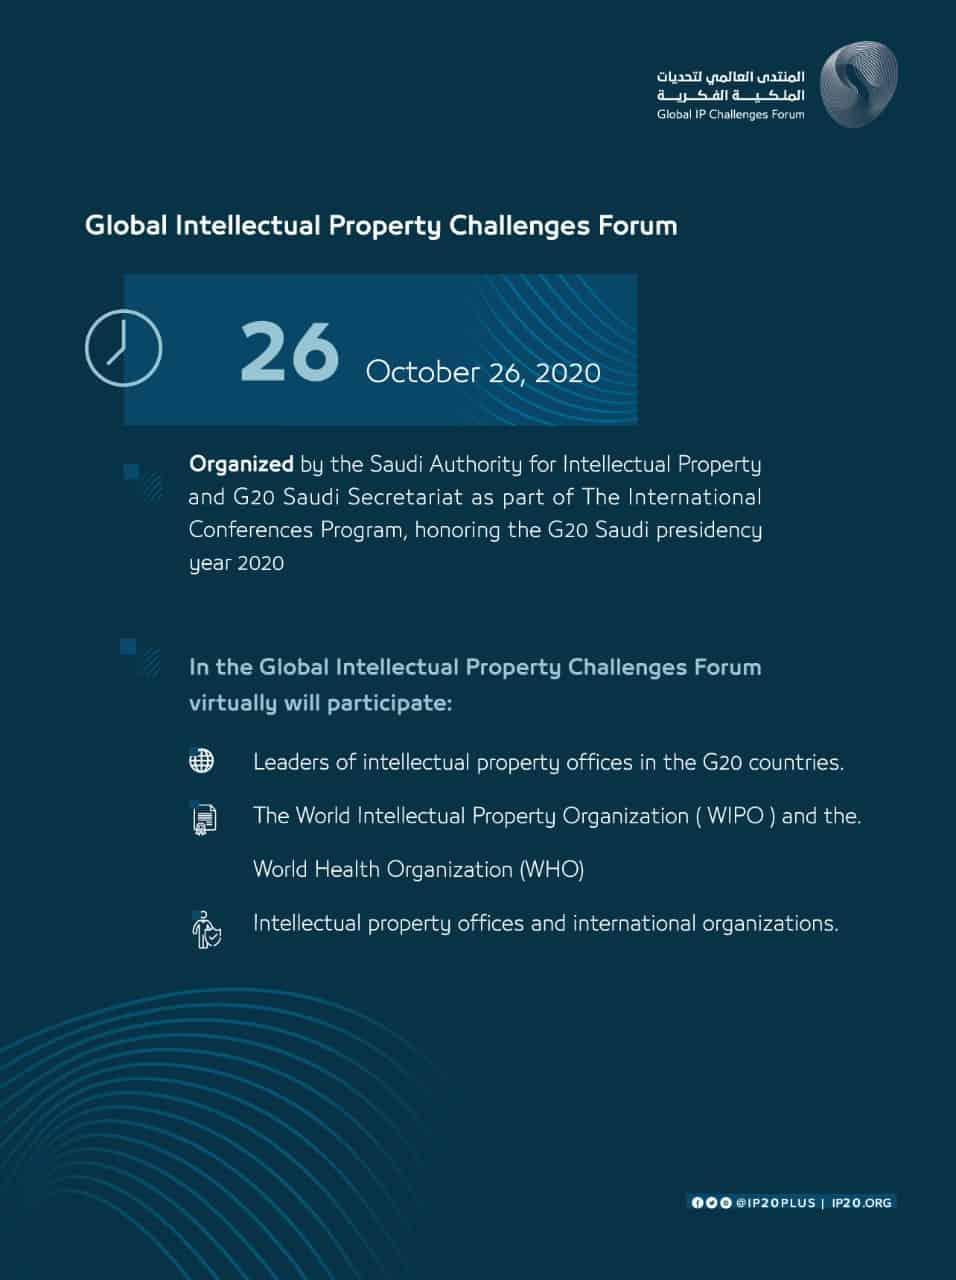 تحديات الملكية الفكرية